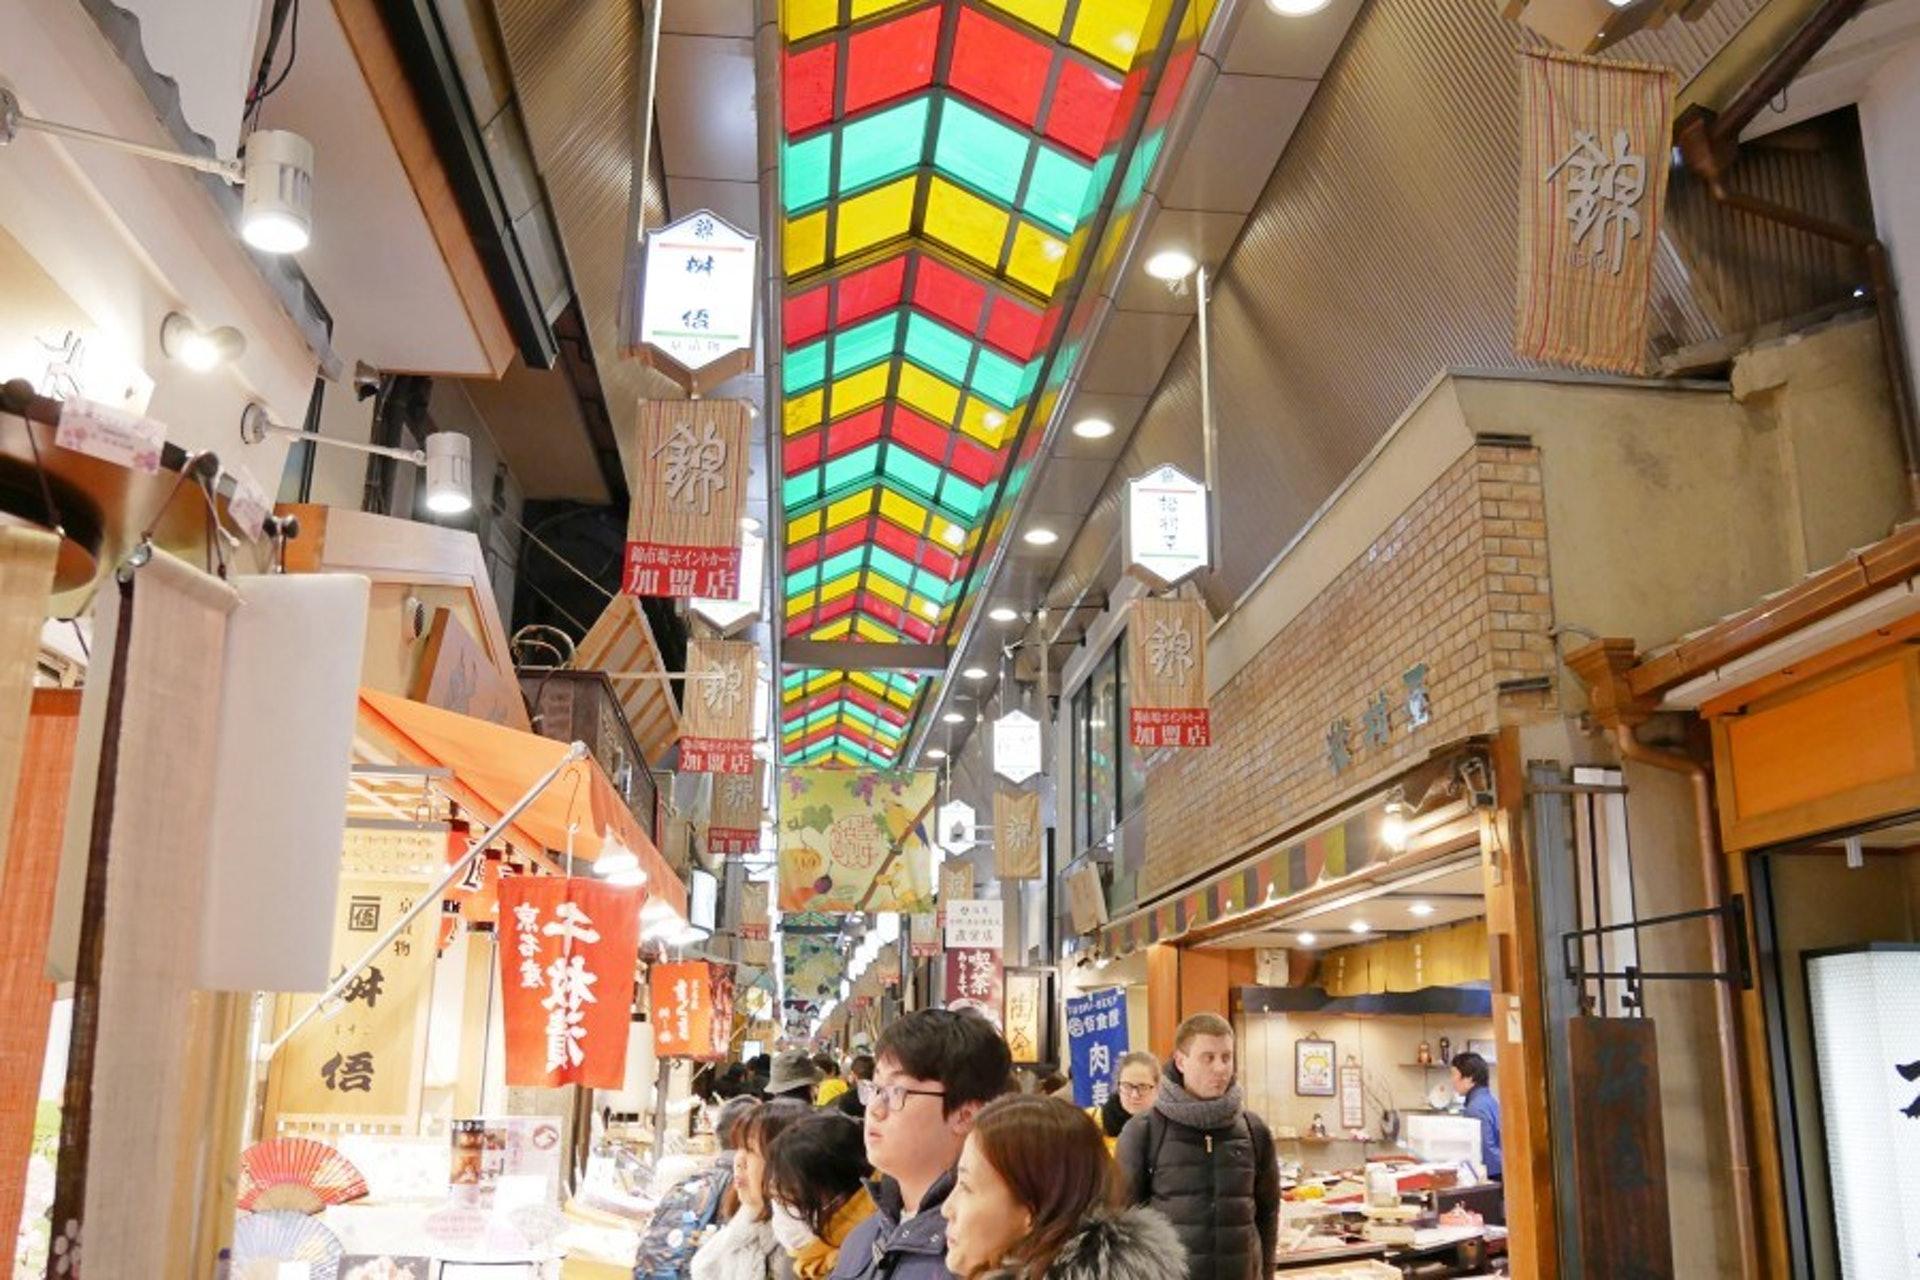 東京有築地市場,大阪有黑門市場,京都就有錦市場!(KKday)